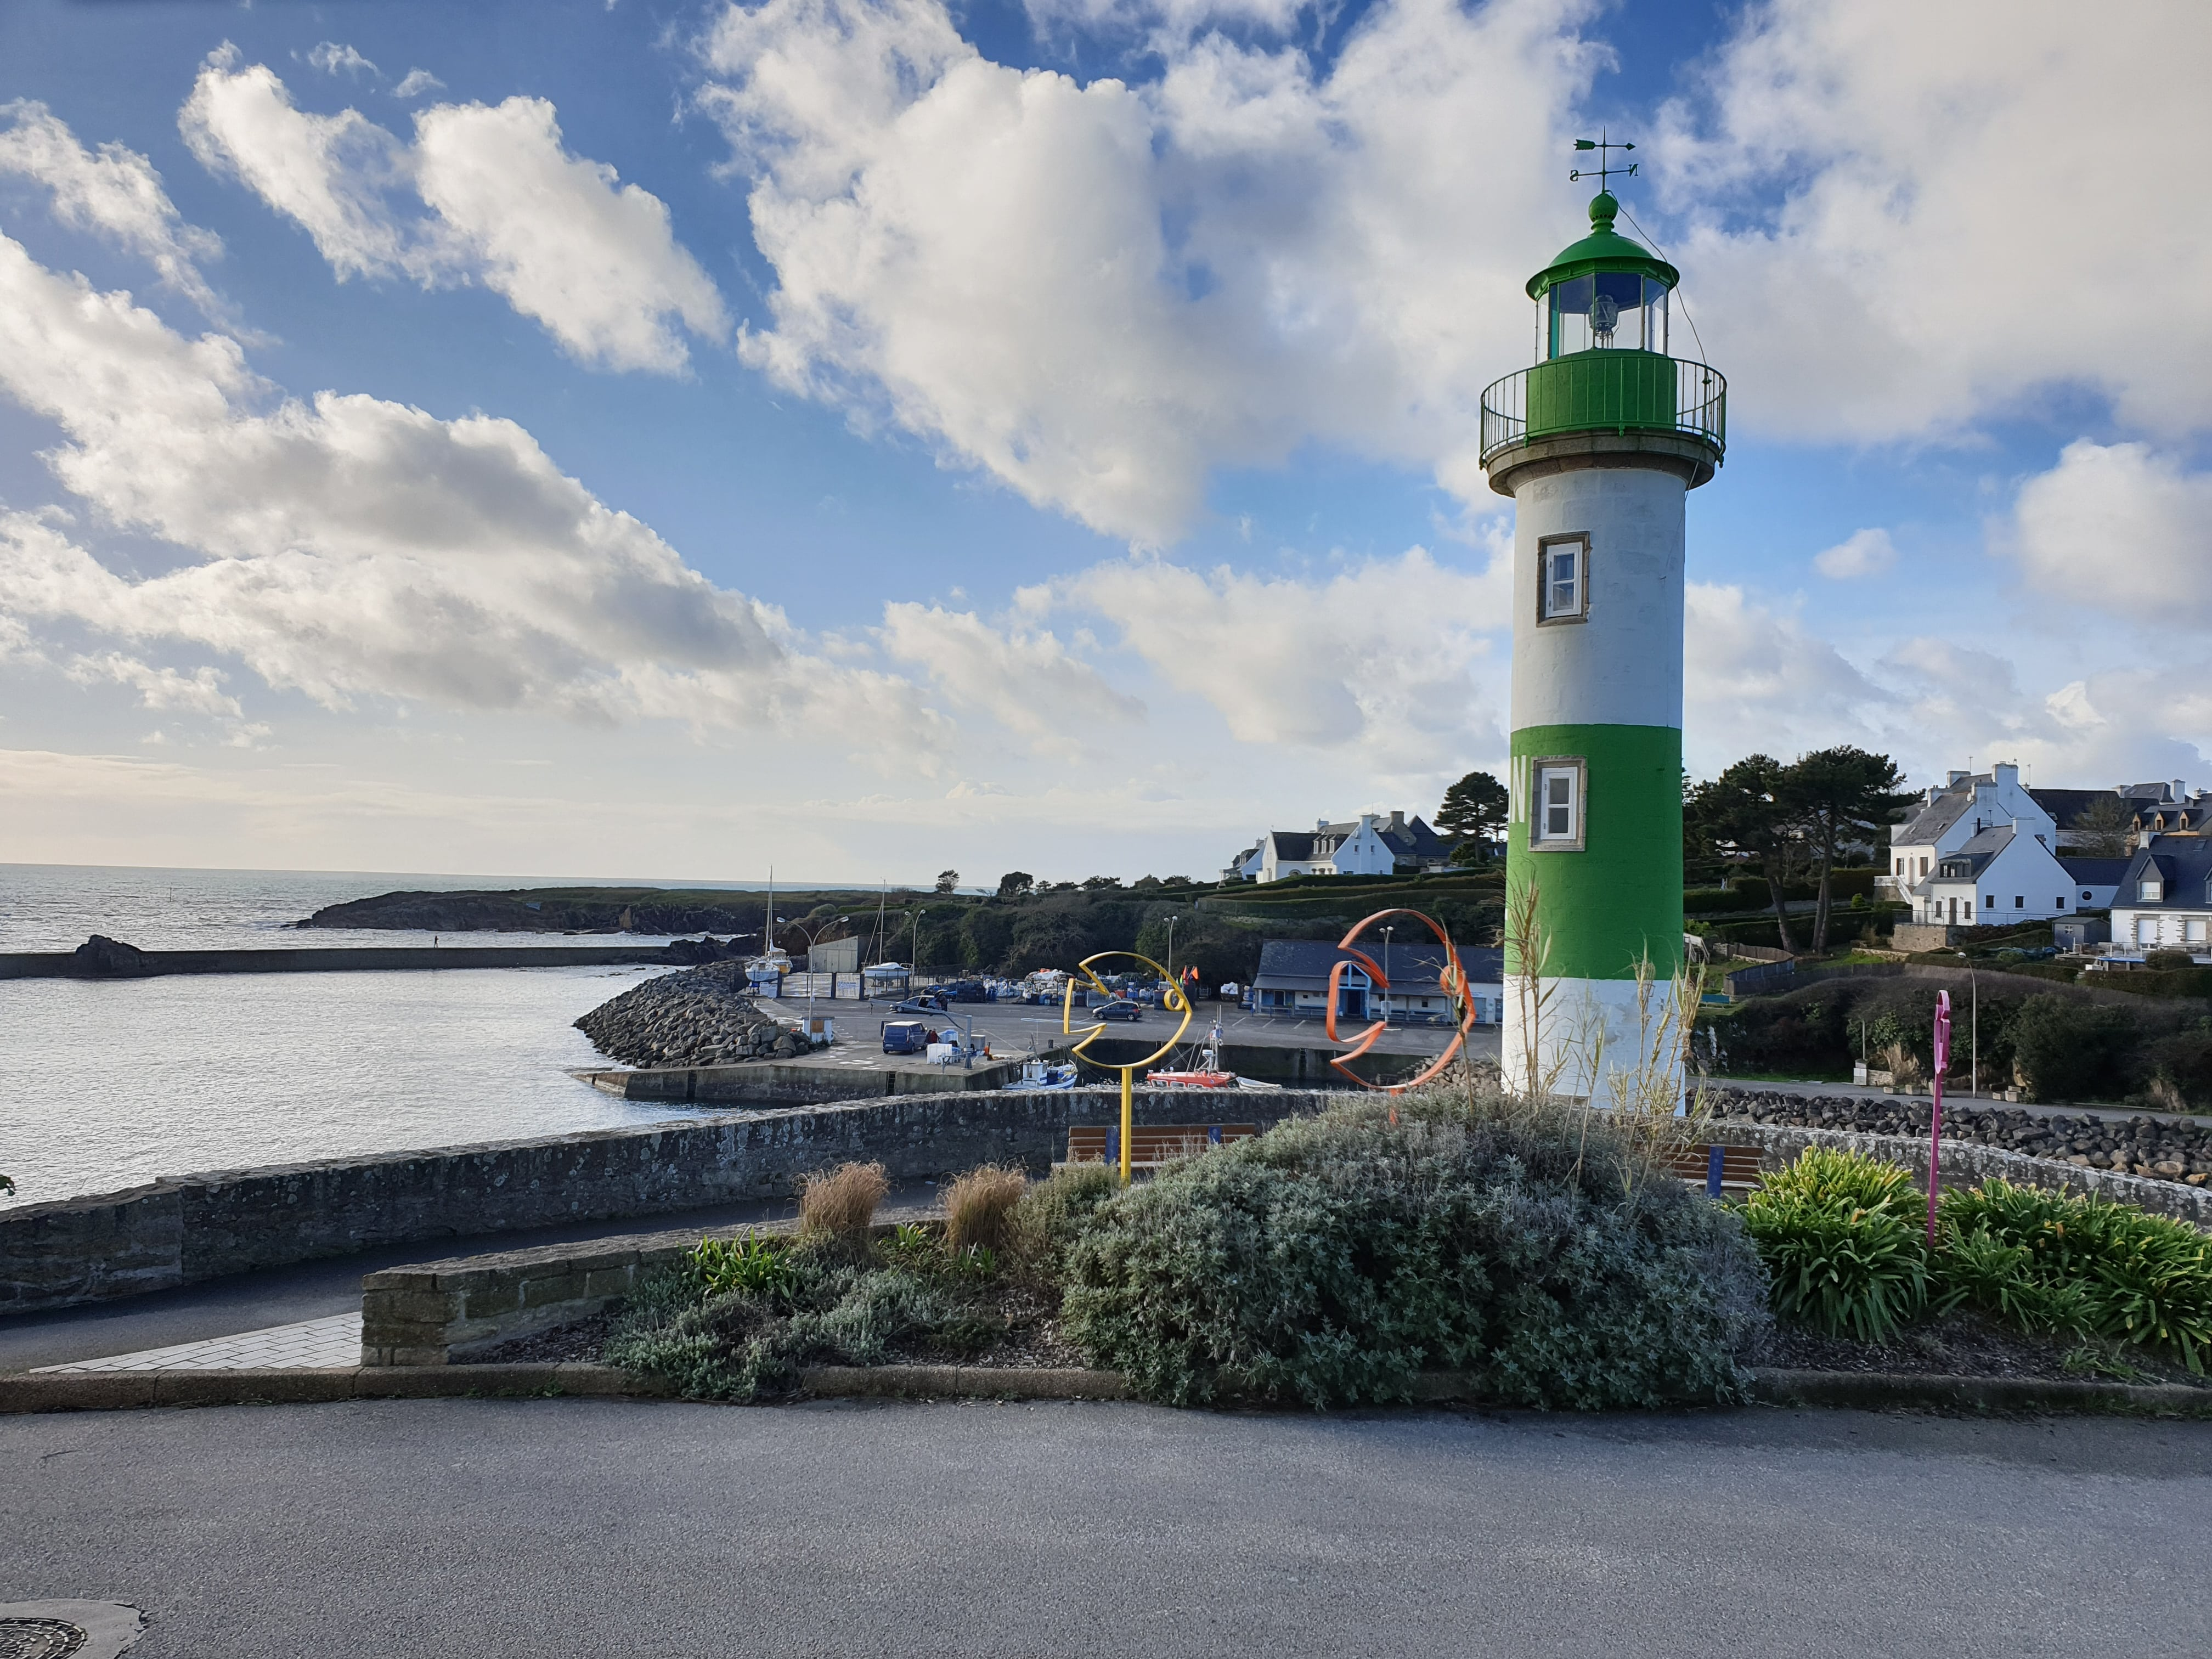 port de doelan et son phare vert